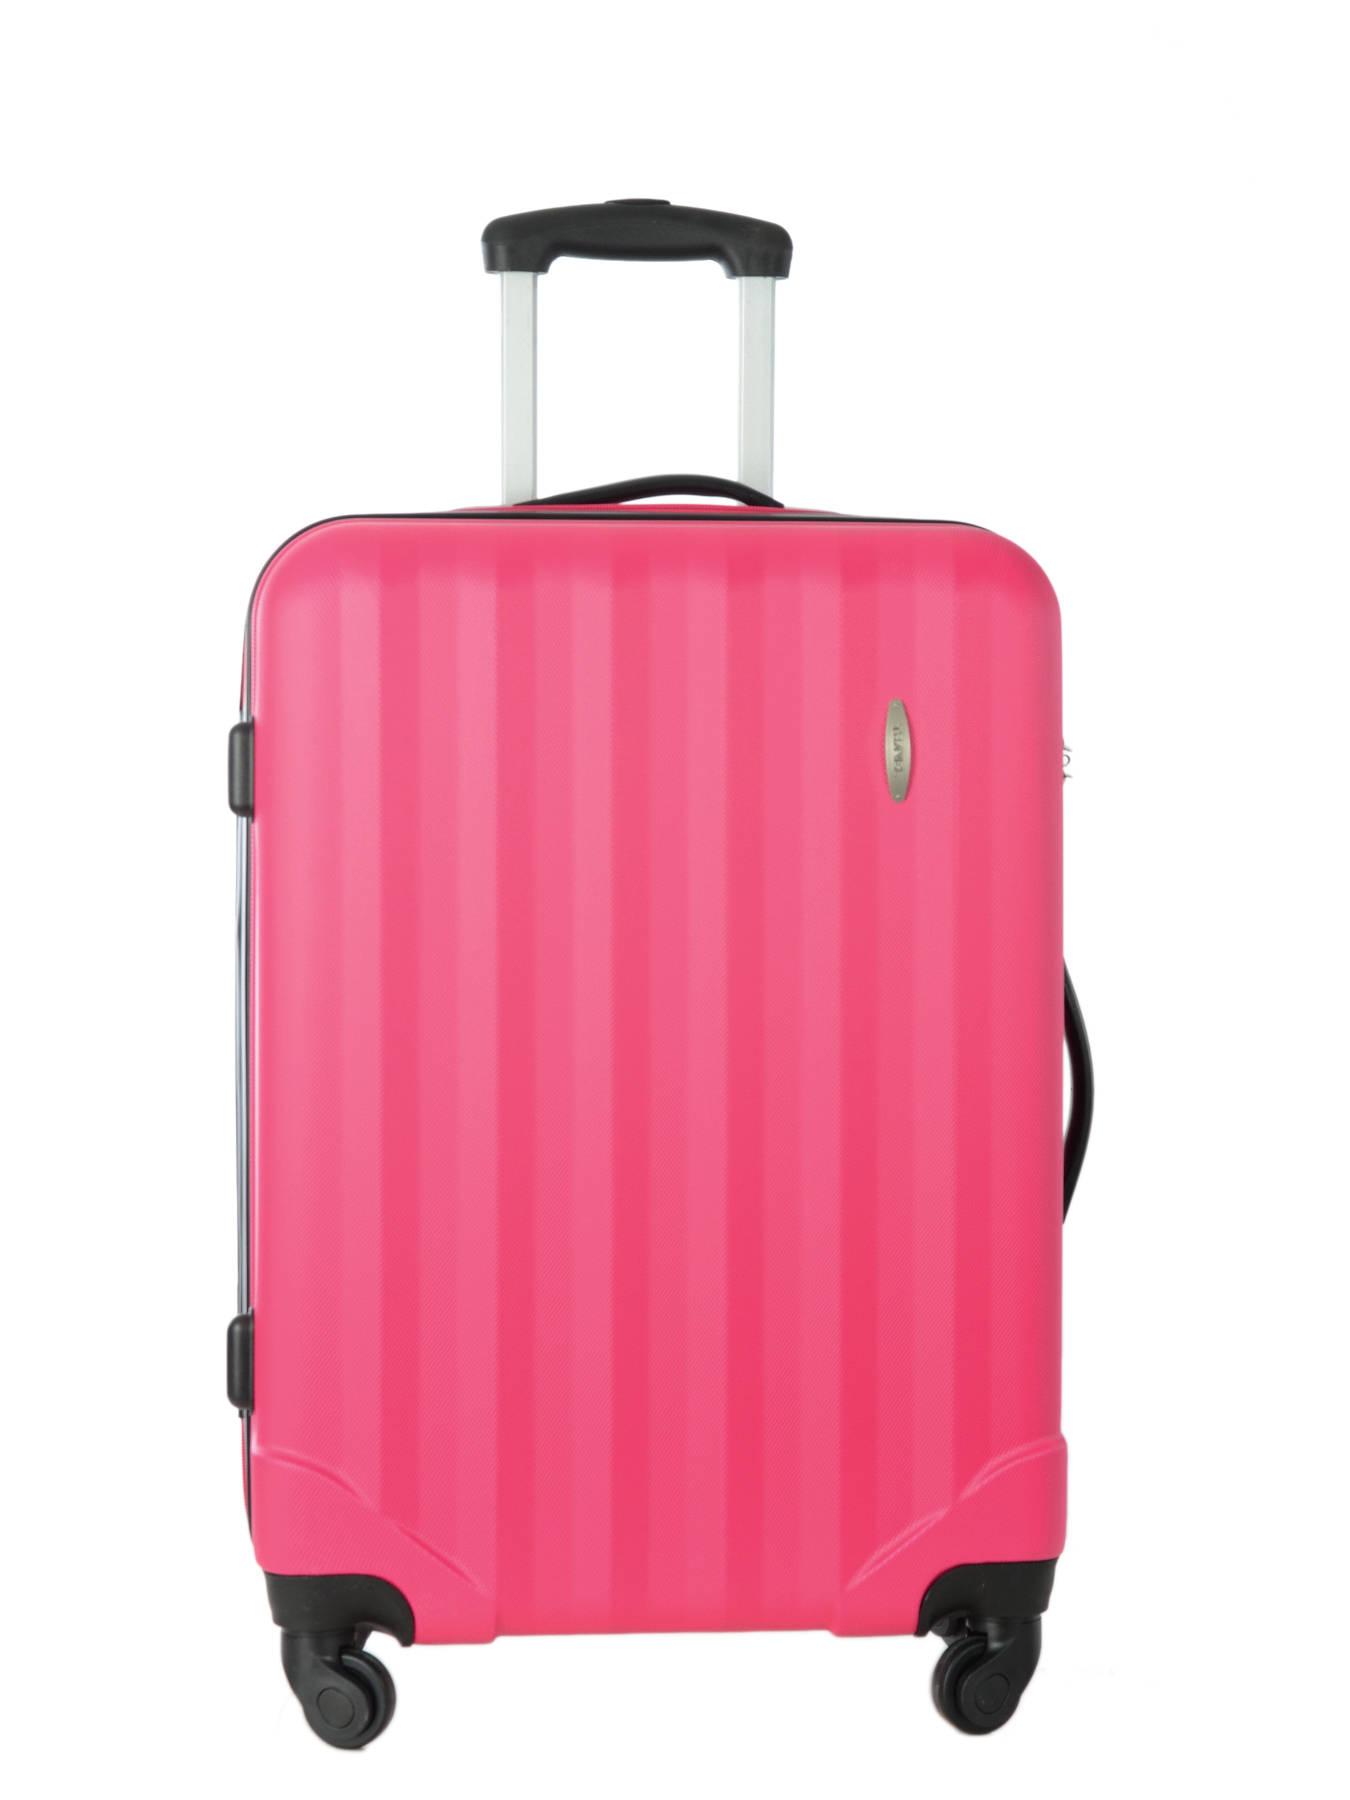 valise rigide travel barcelone barcelone sur. Black Bedroom Furniture Sets. Home Design Ideas